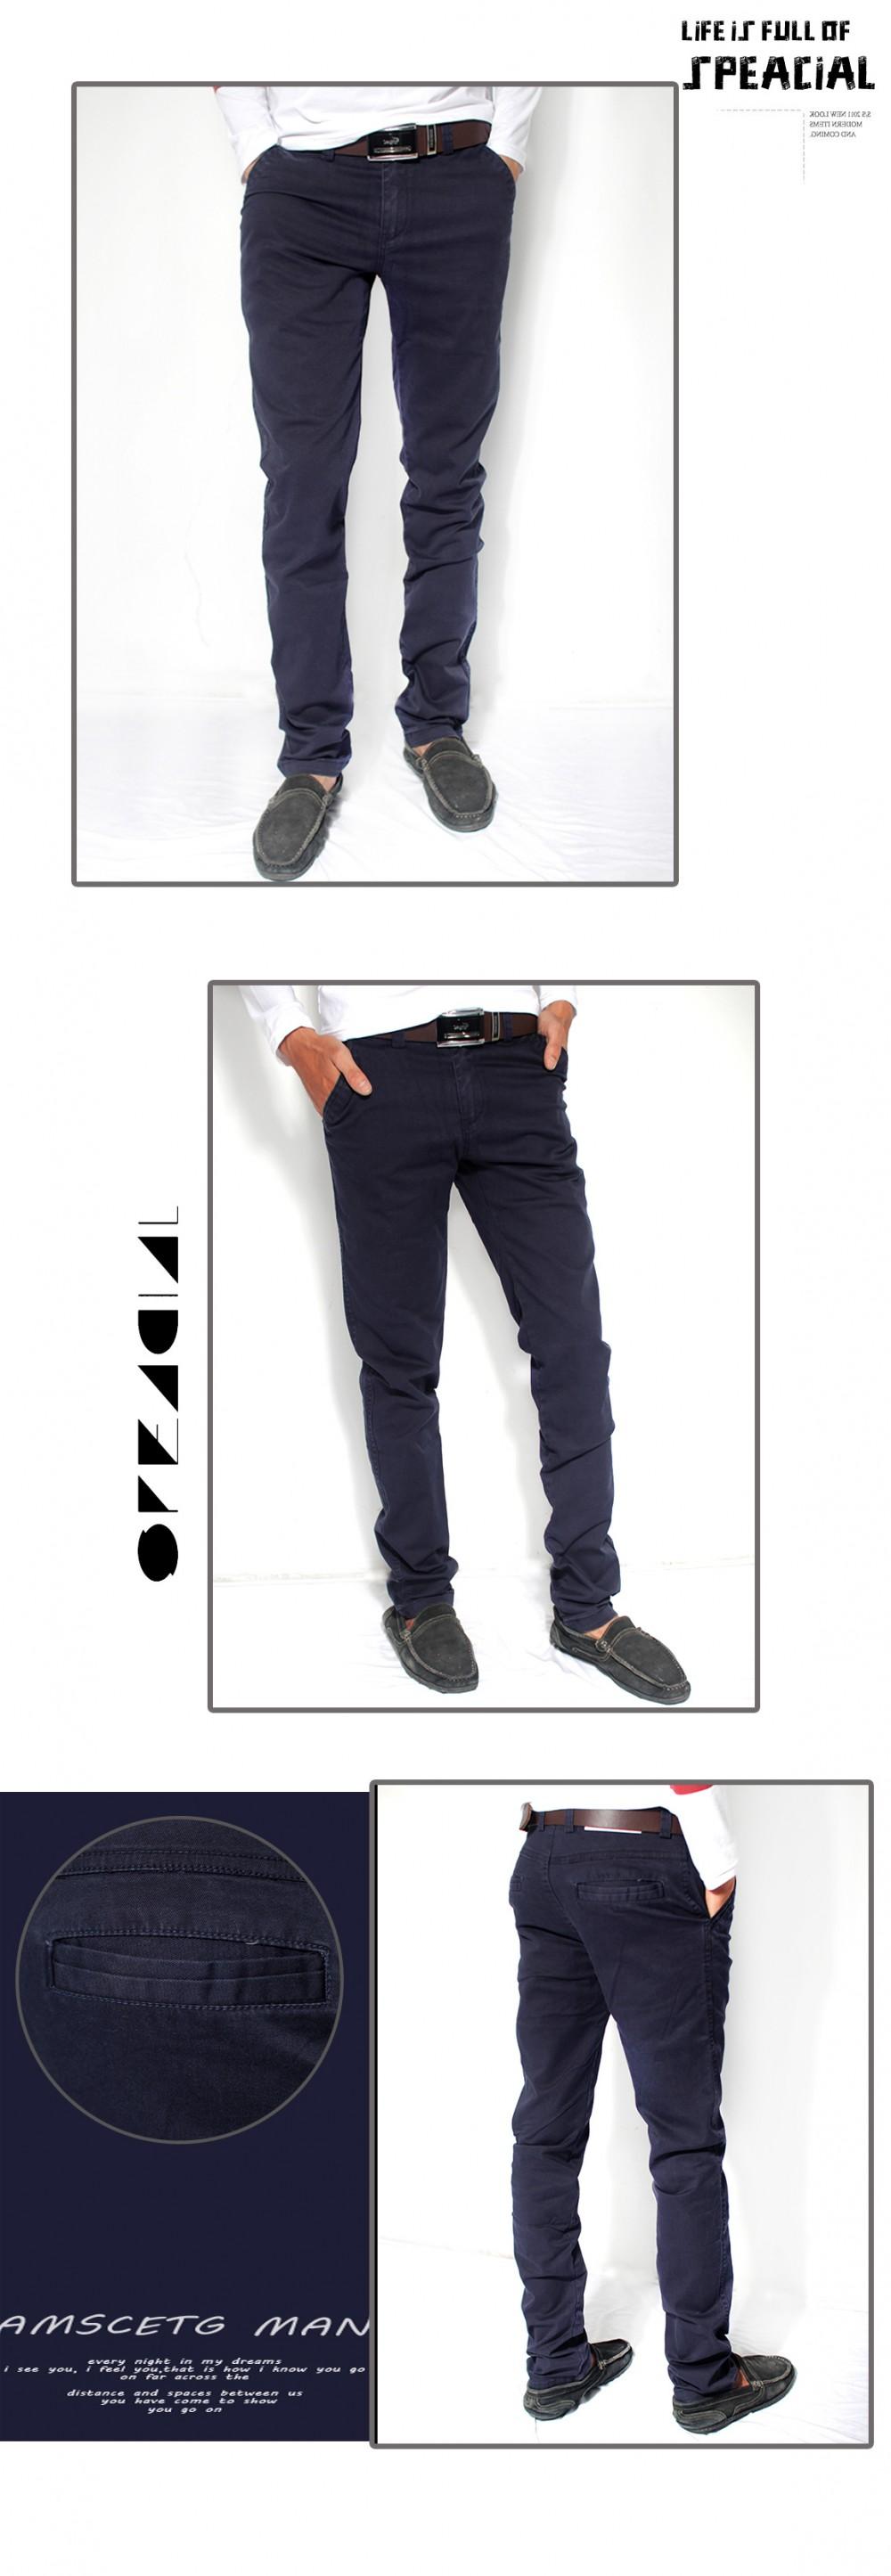 Quần kaki hàn quốc xanh đen qk111 - 1